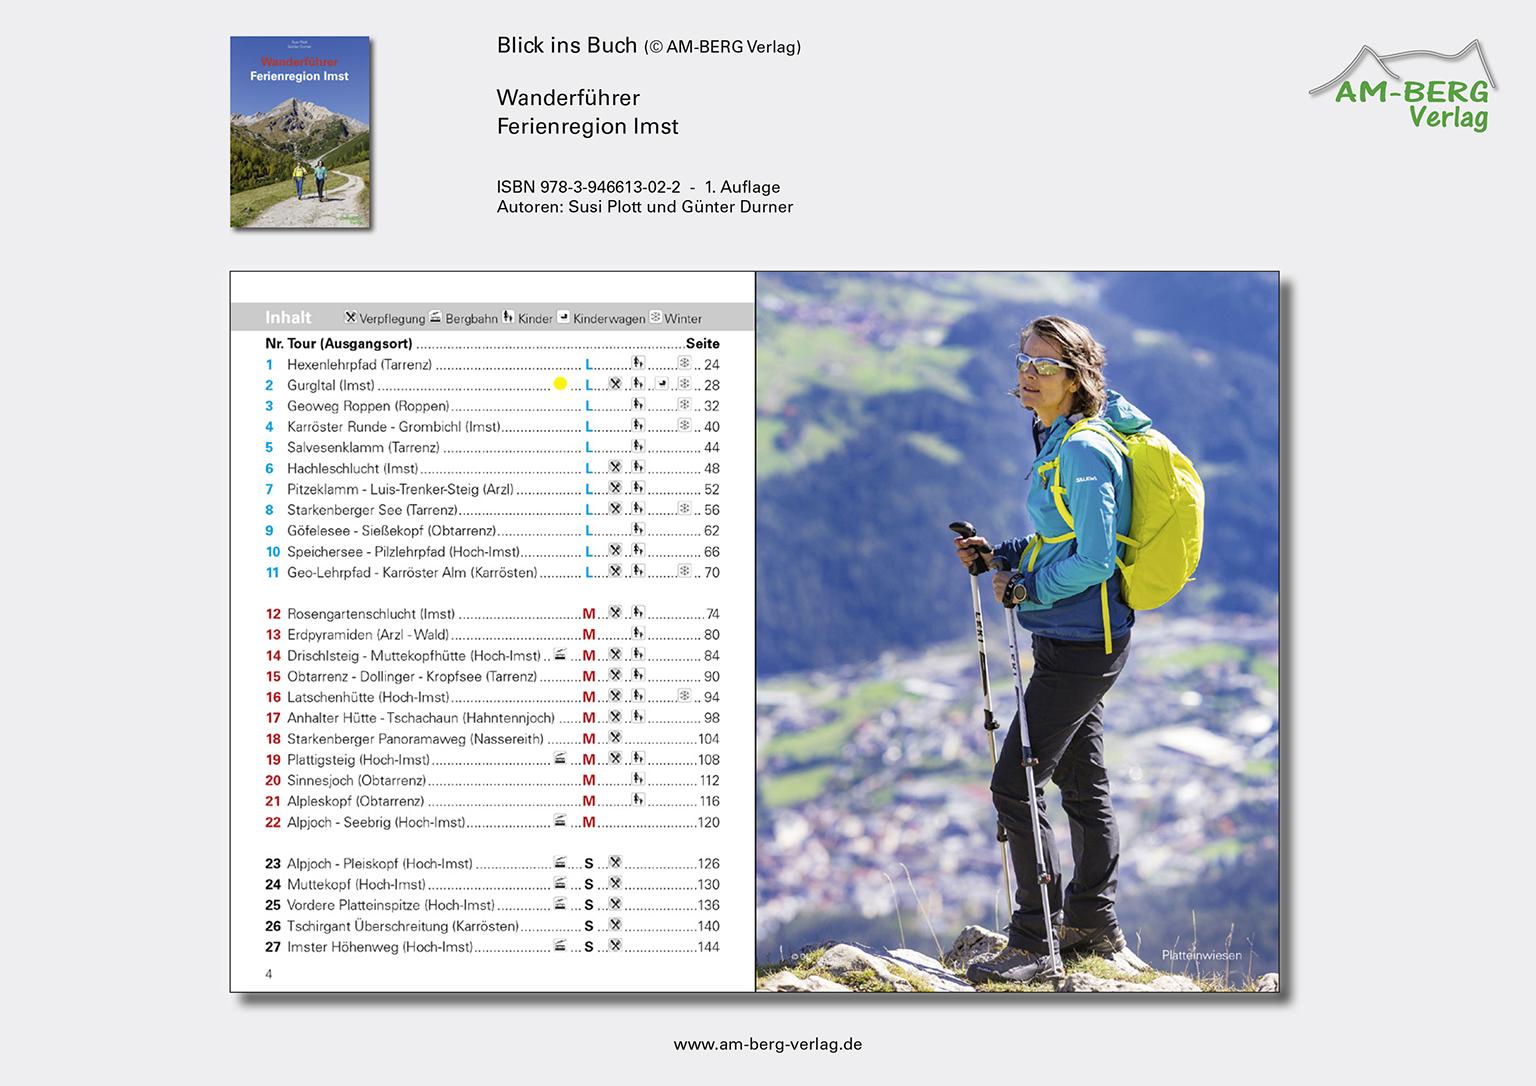 Wanderführer Ferienregion Imst_BlickinsBuch03